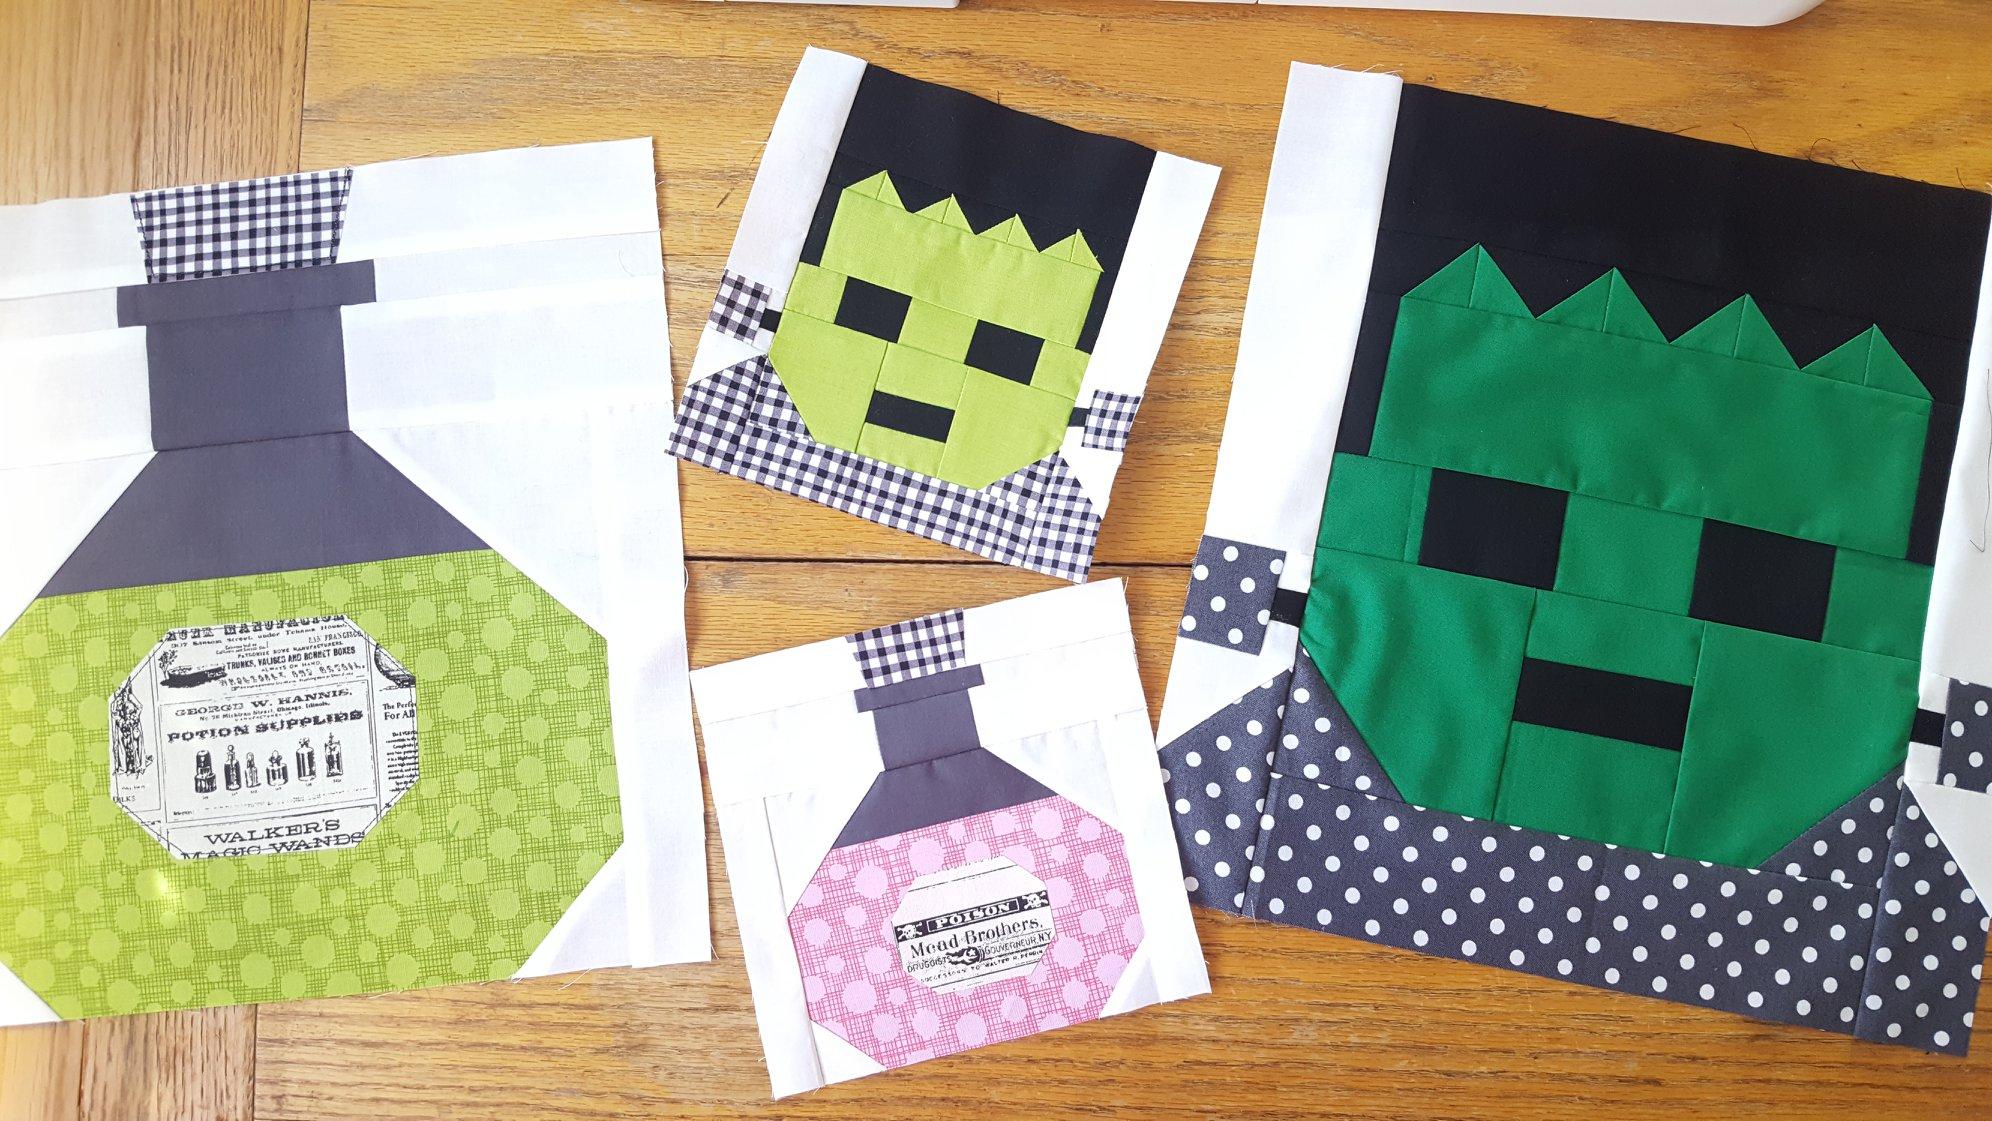 Frankenstein quilt blocks